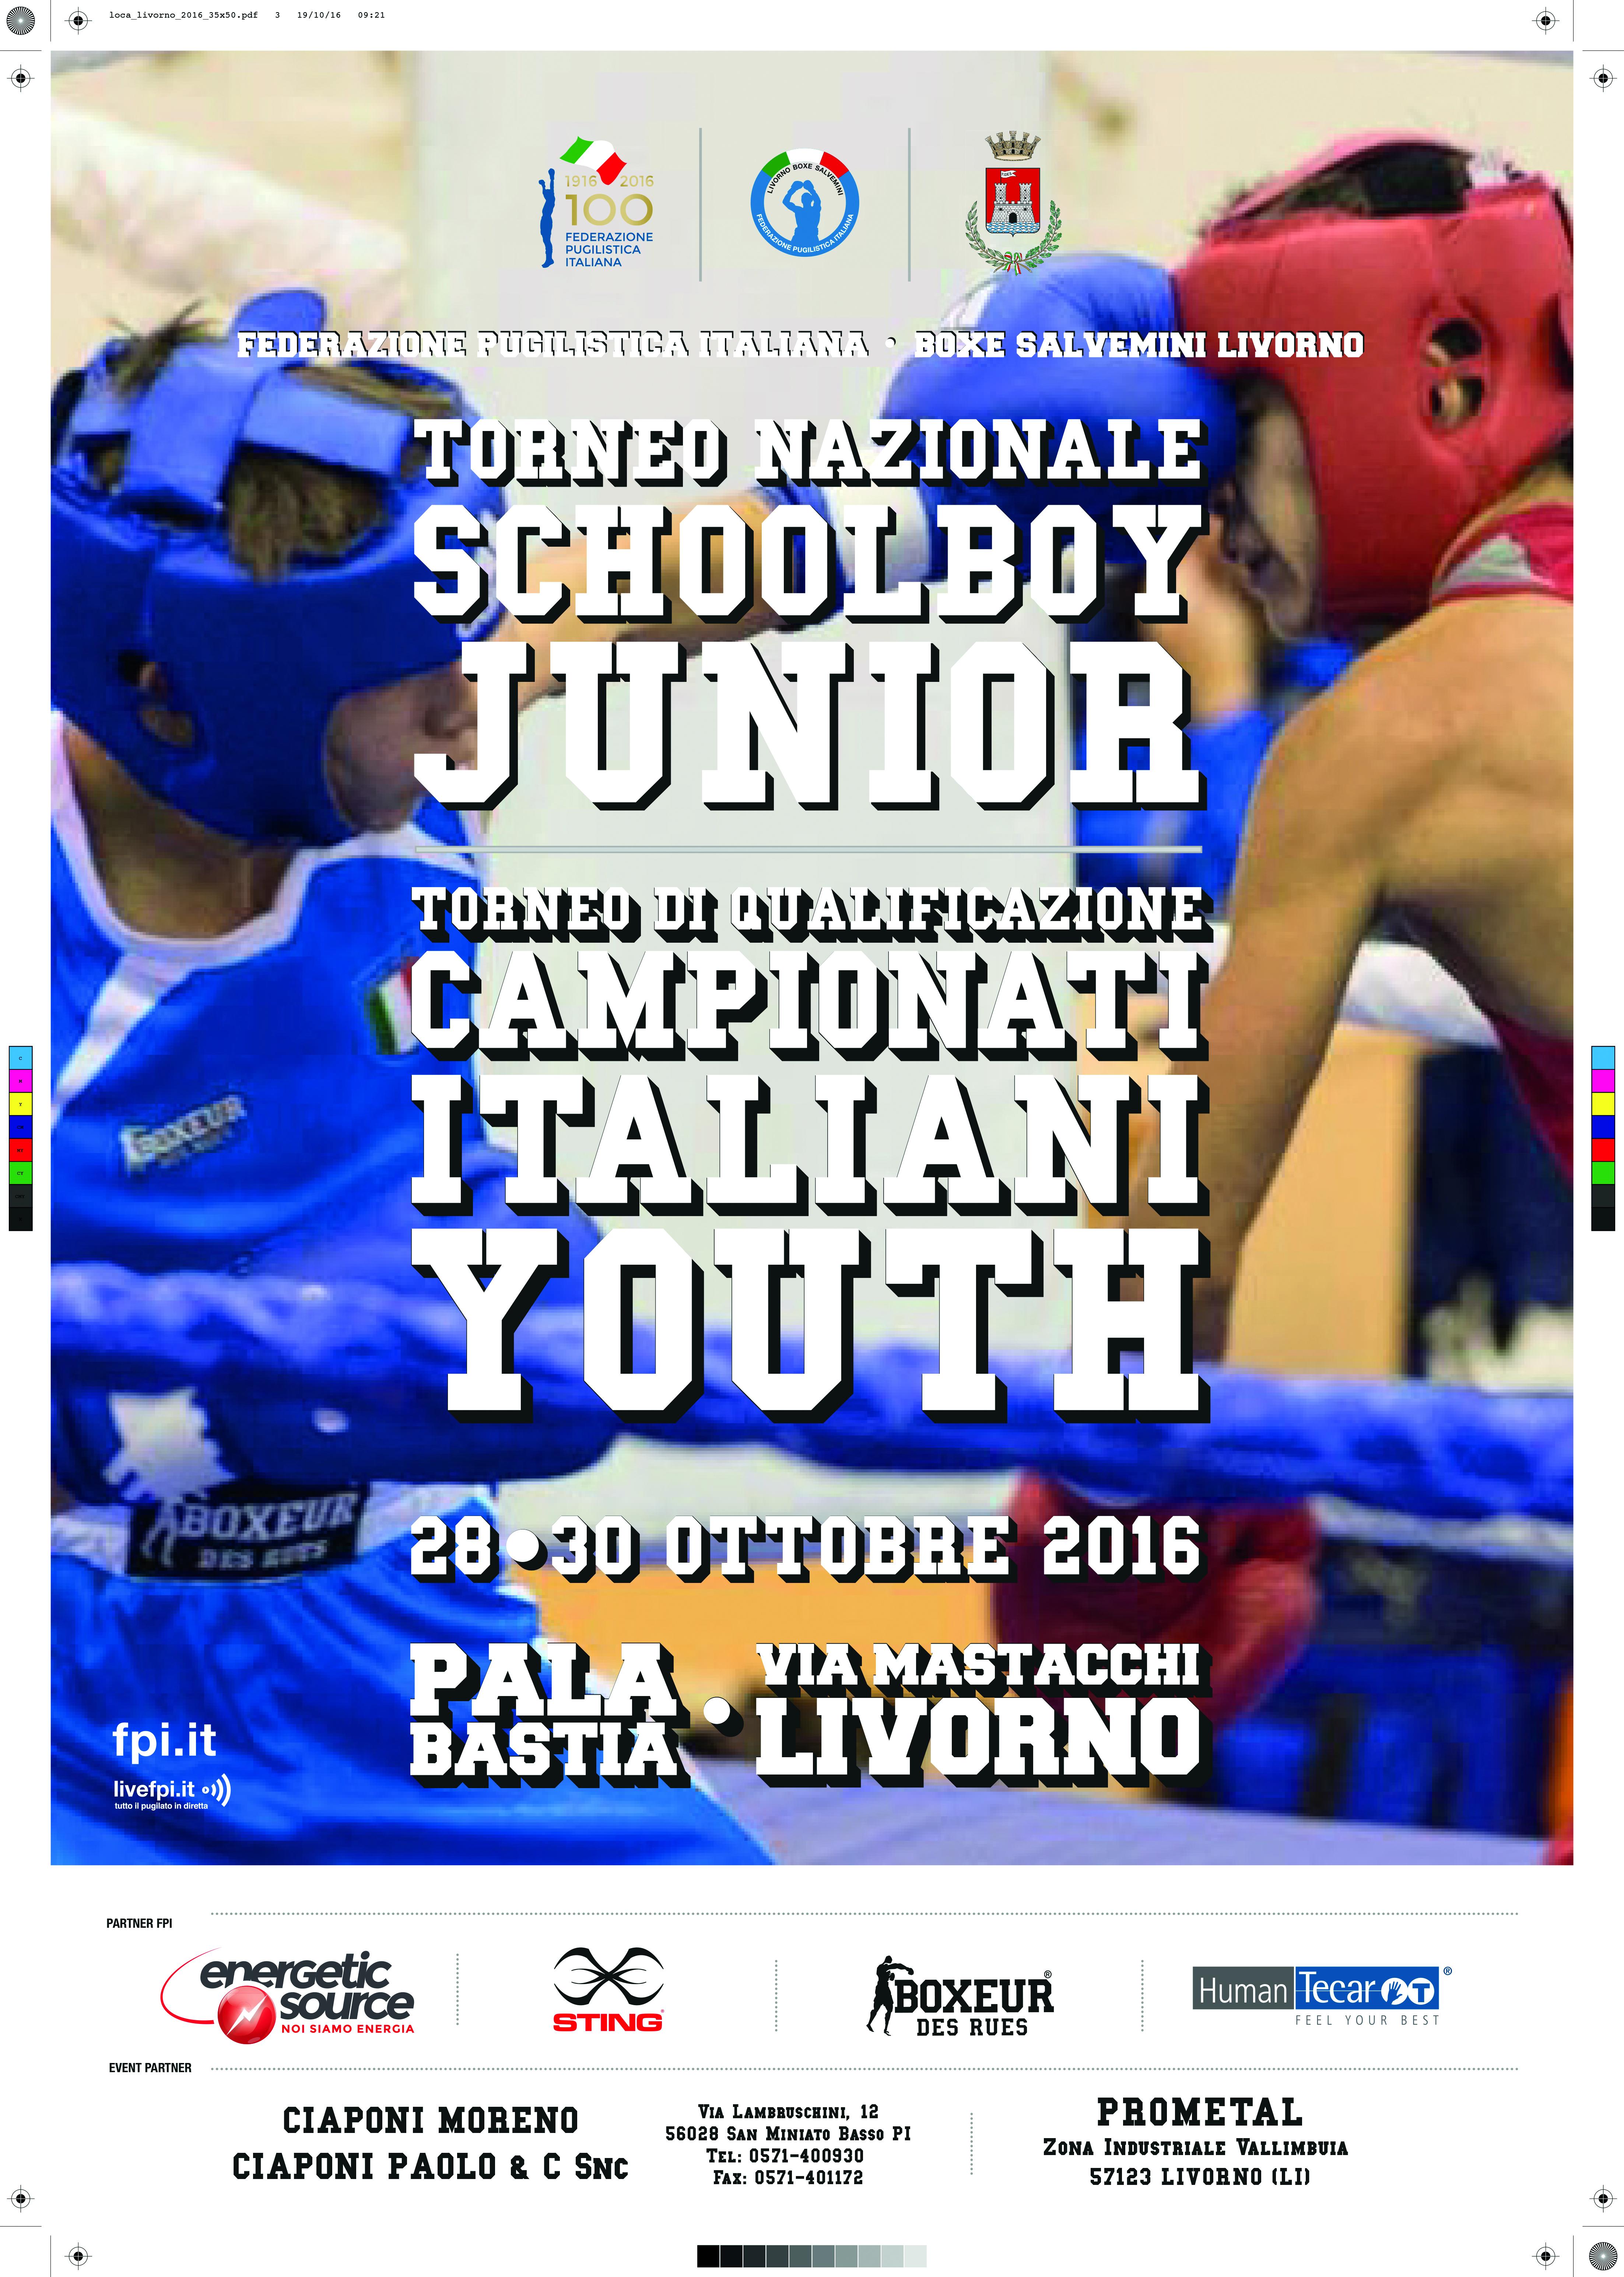 Torneo Nazionale SchoolBoy/Junior e il Torneo di Qual. Campionati Nazionali Youth 2016